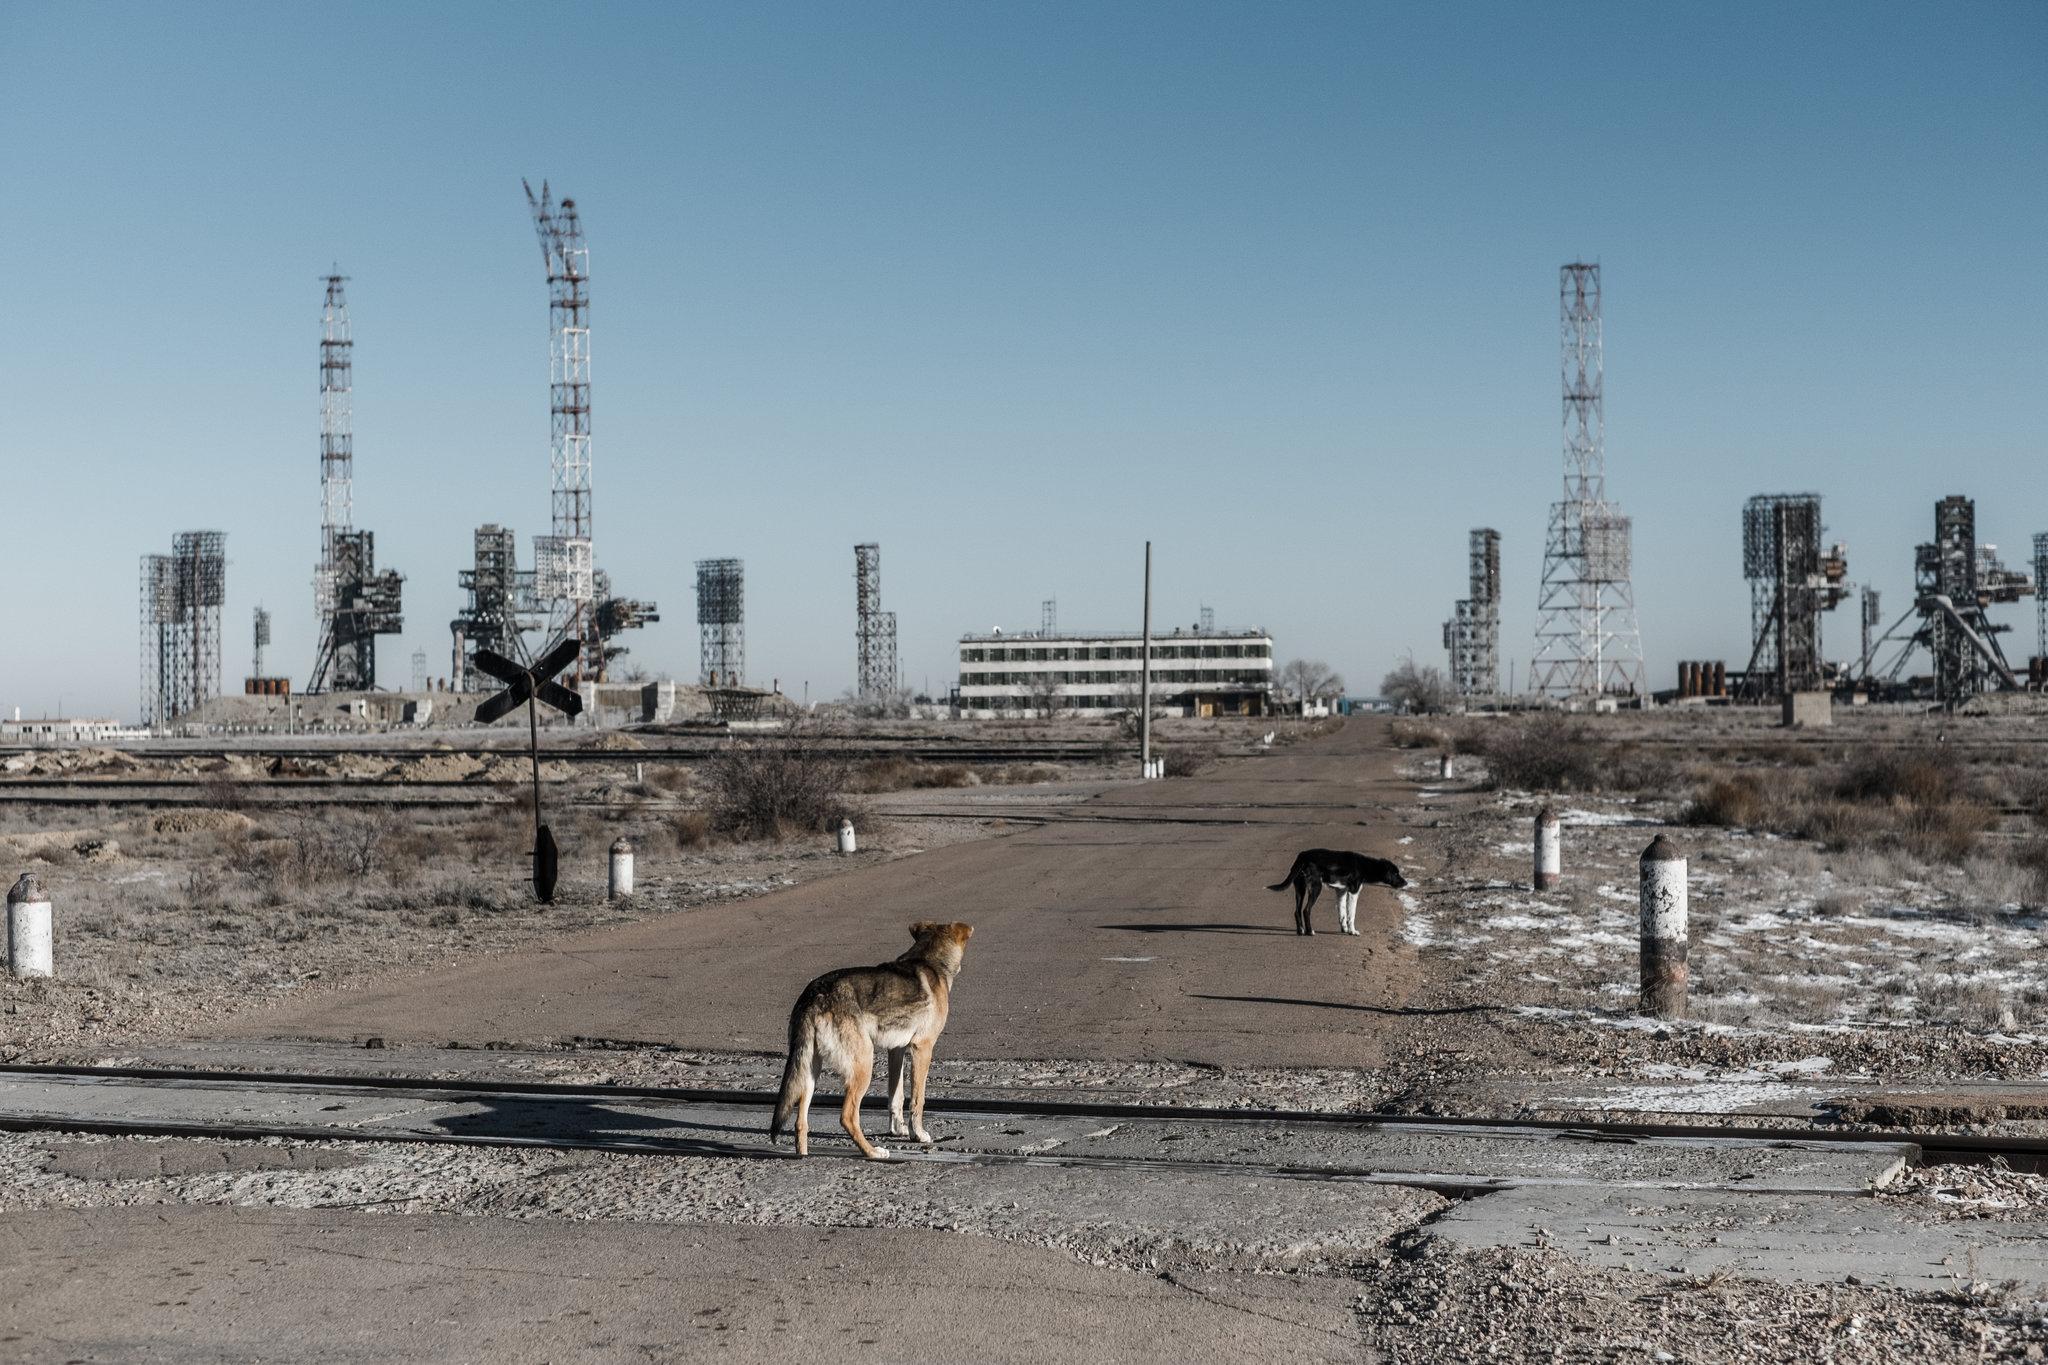 Kosmodromun fırlatma komplekslerinden biri. Ufukta gün ışığında büyük metal kuleler ve füze tutucular var. Yerde az kar kalıntısı var. Yakın planda o bölgede serbest gezen köpekler görünüyor.